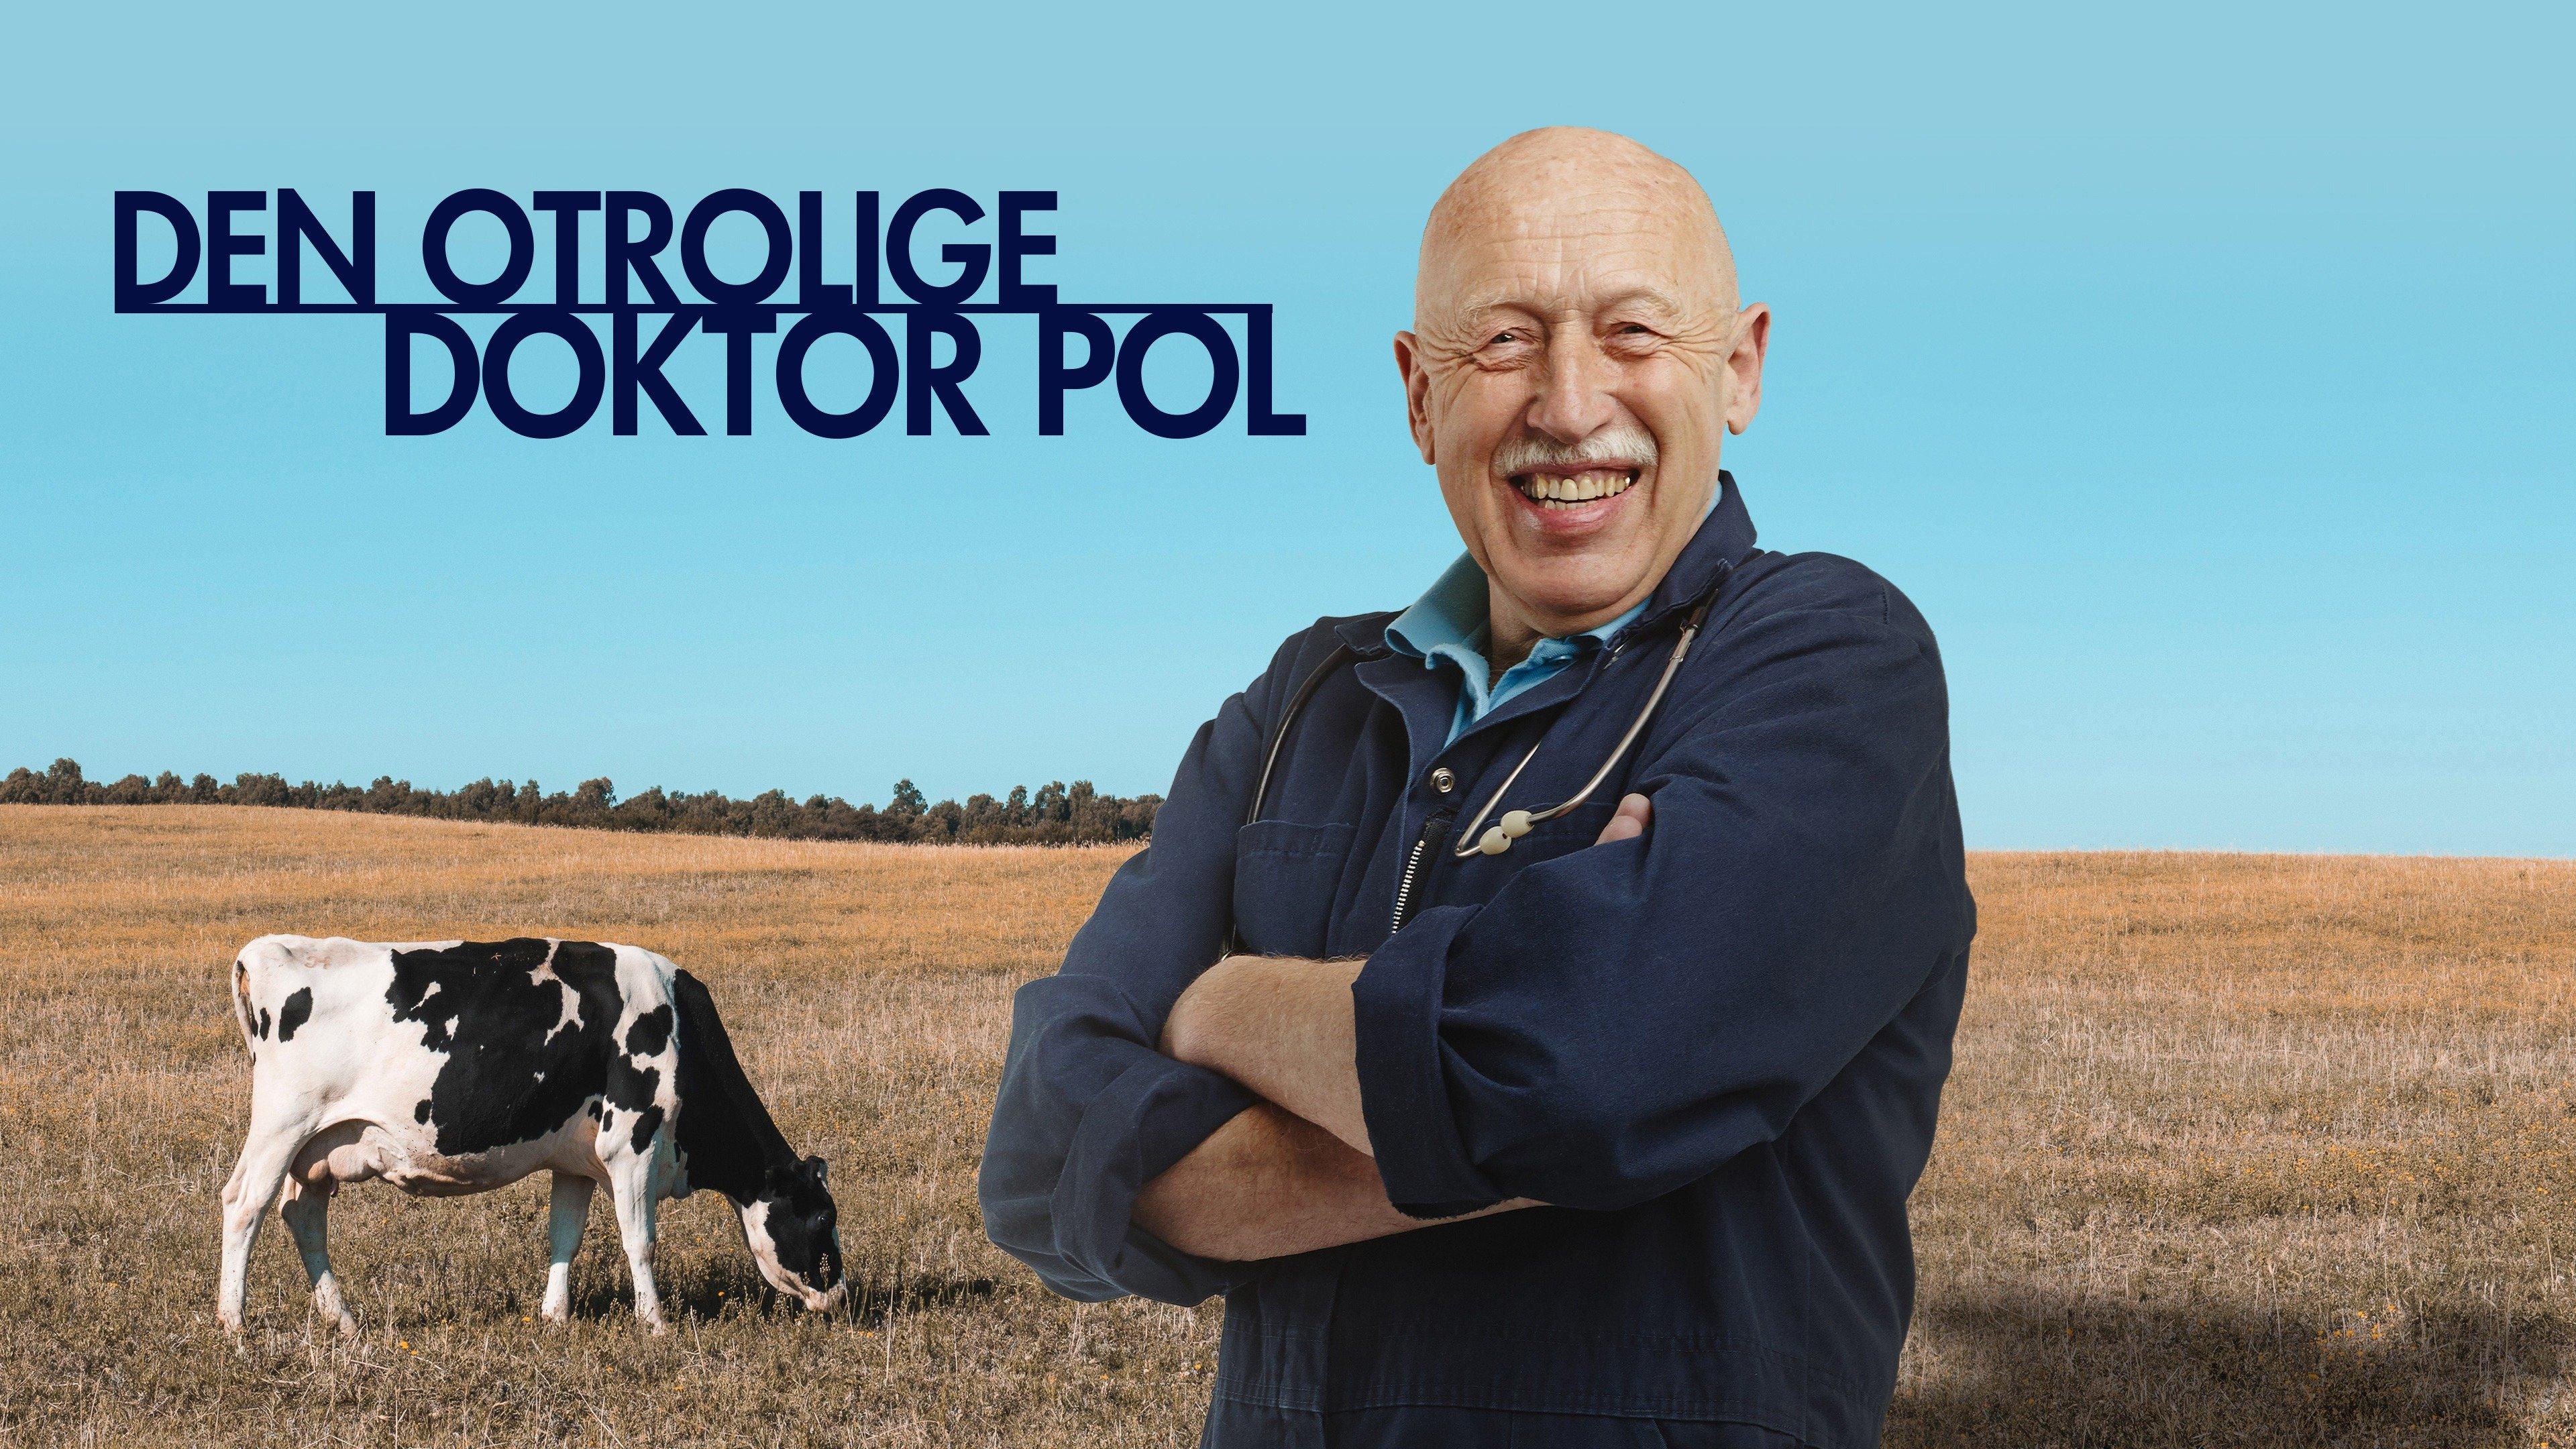 Den otrolige doktor Pol